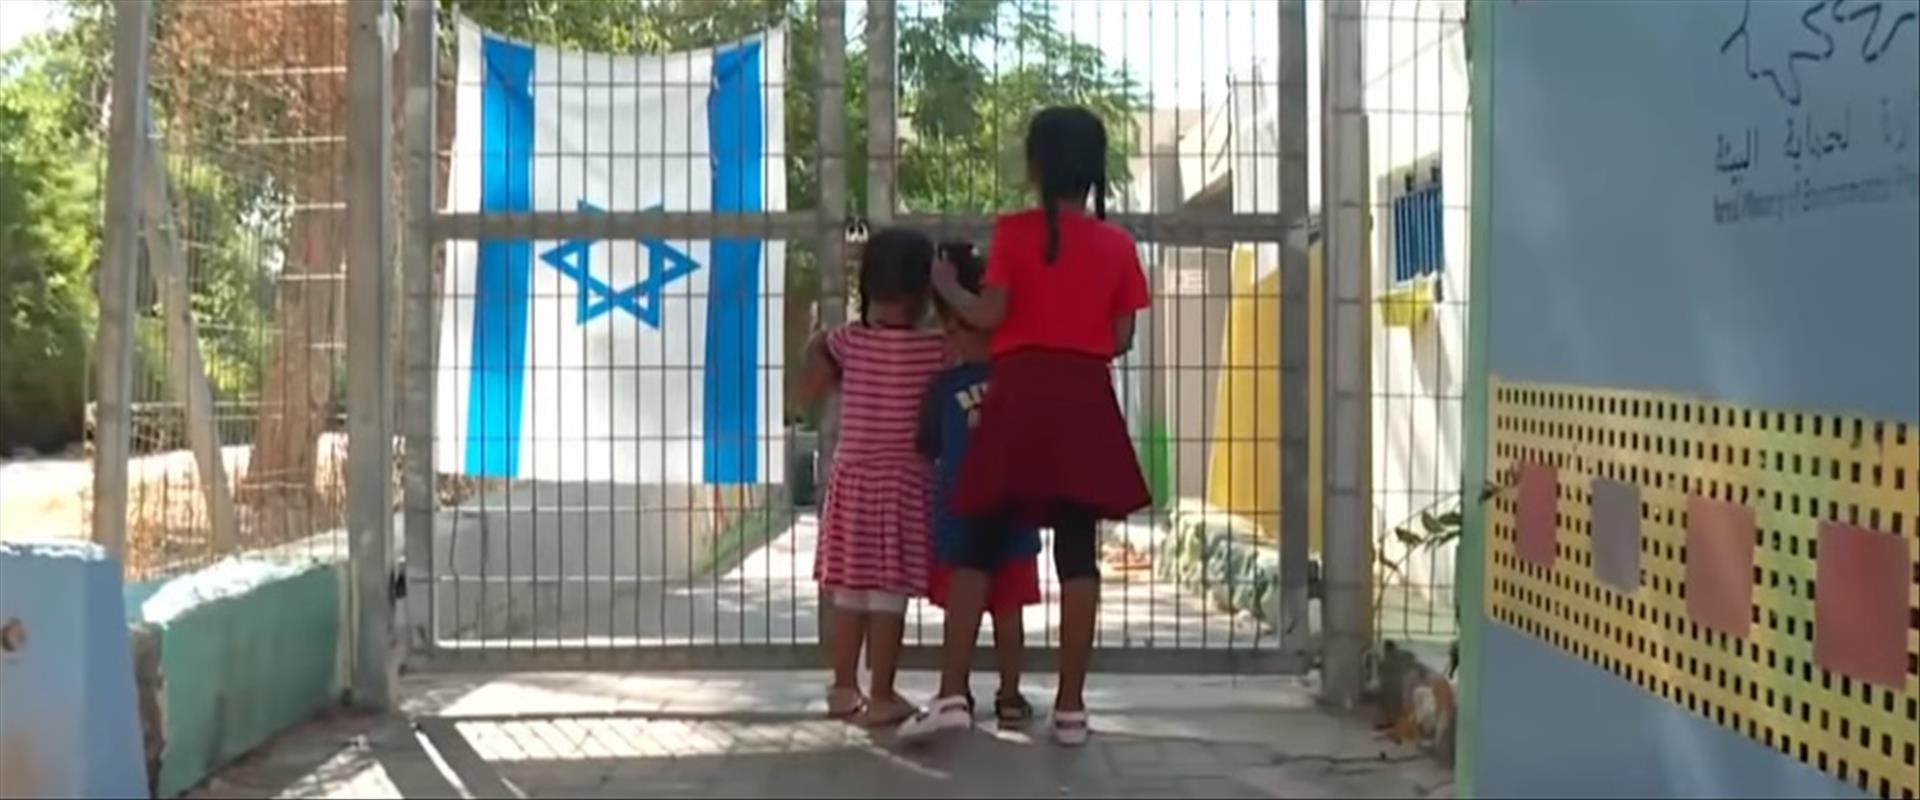 ילדים יוצאי אתיופיה